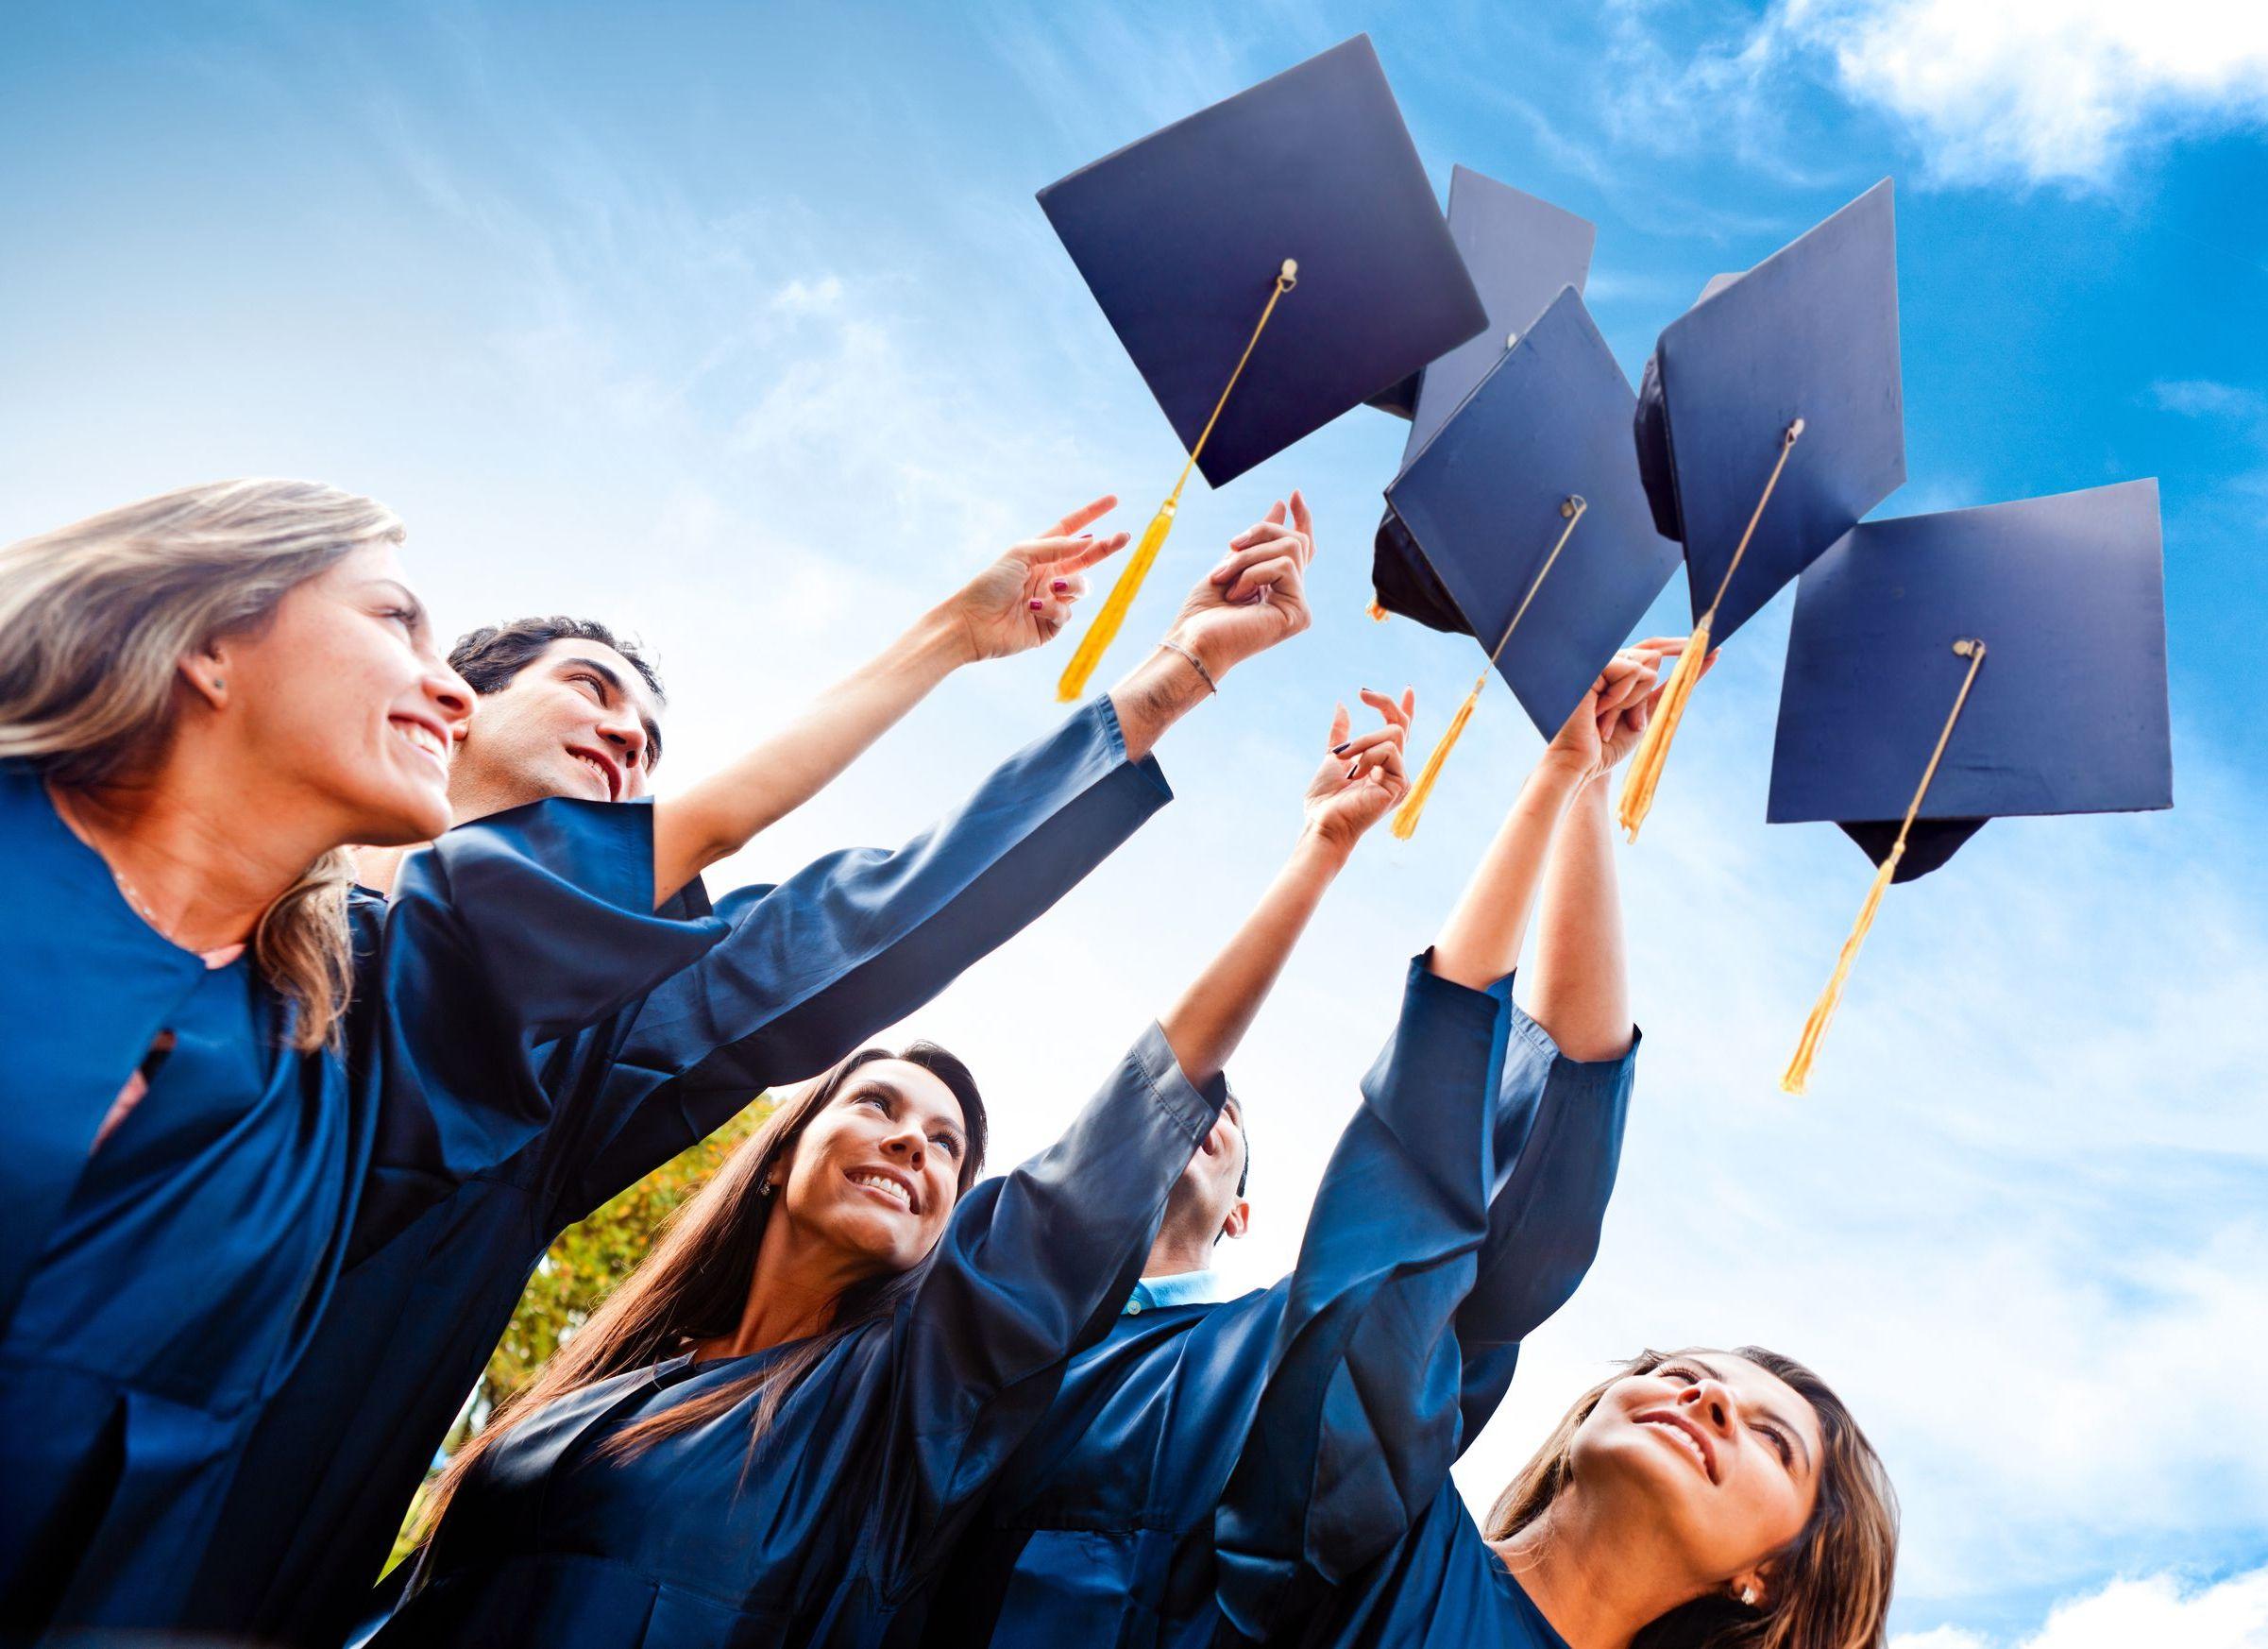 Du học Úc 101 - Mọi điều bạn cần biết về học bổng du học Úc (P2) - ATS